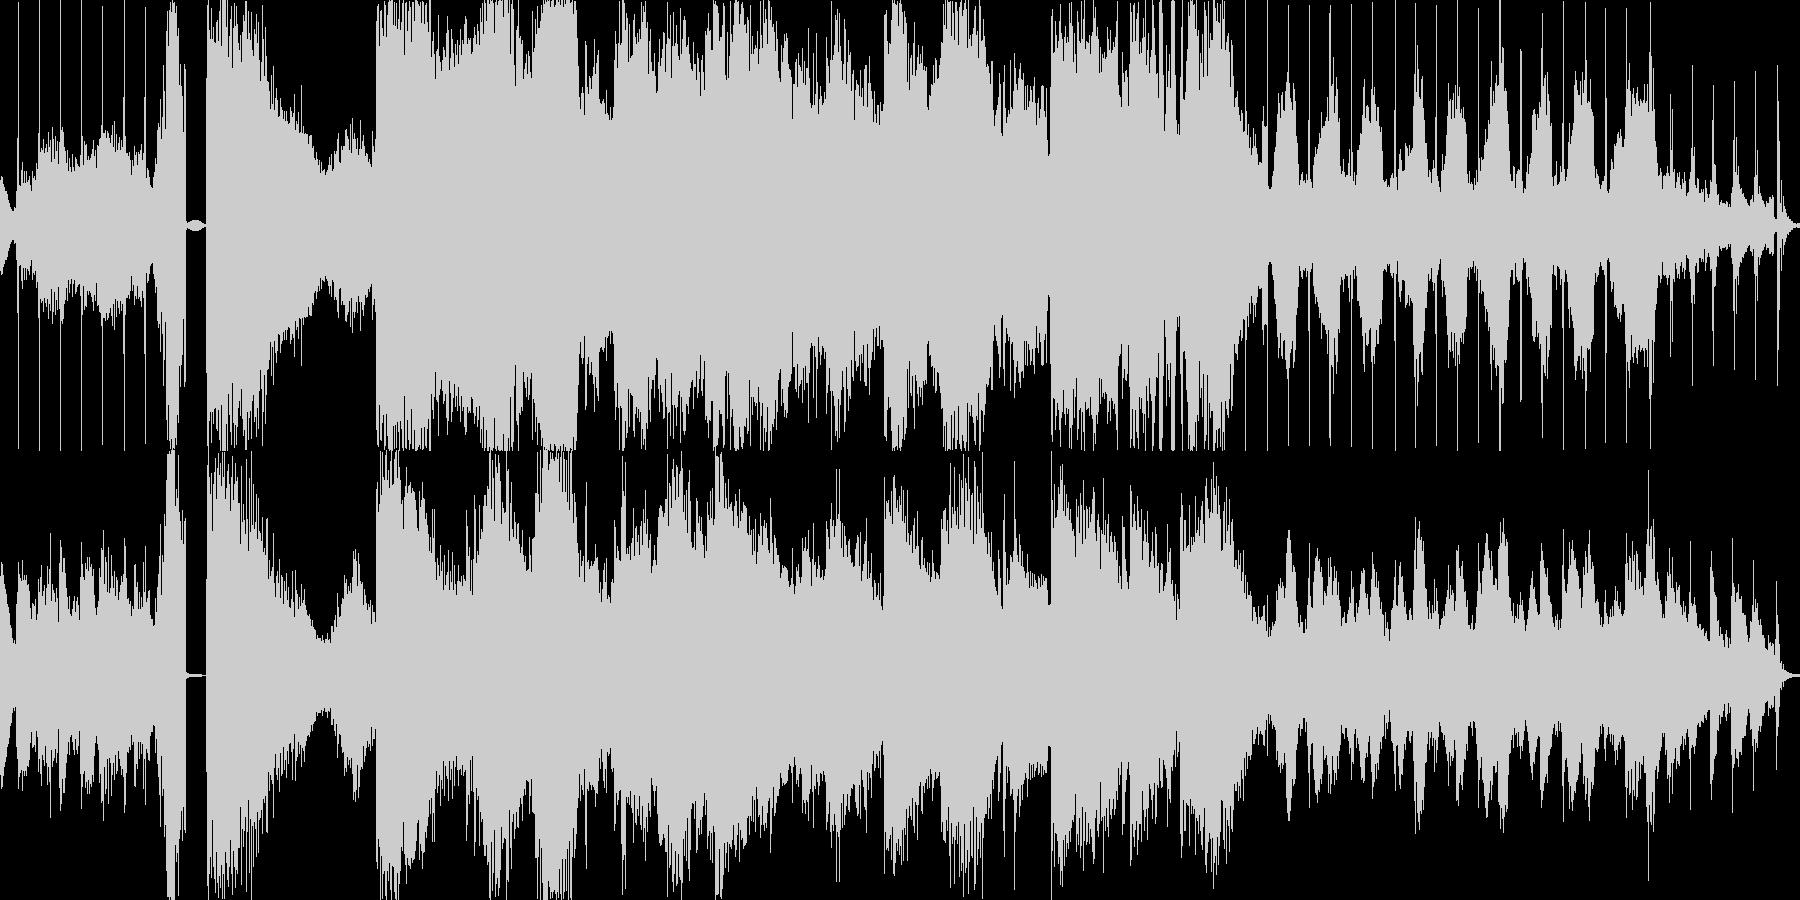 幽霊屋敷-不穏な空気の環境音楽の未再生の波形